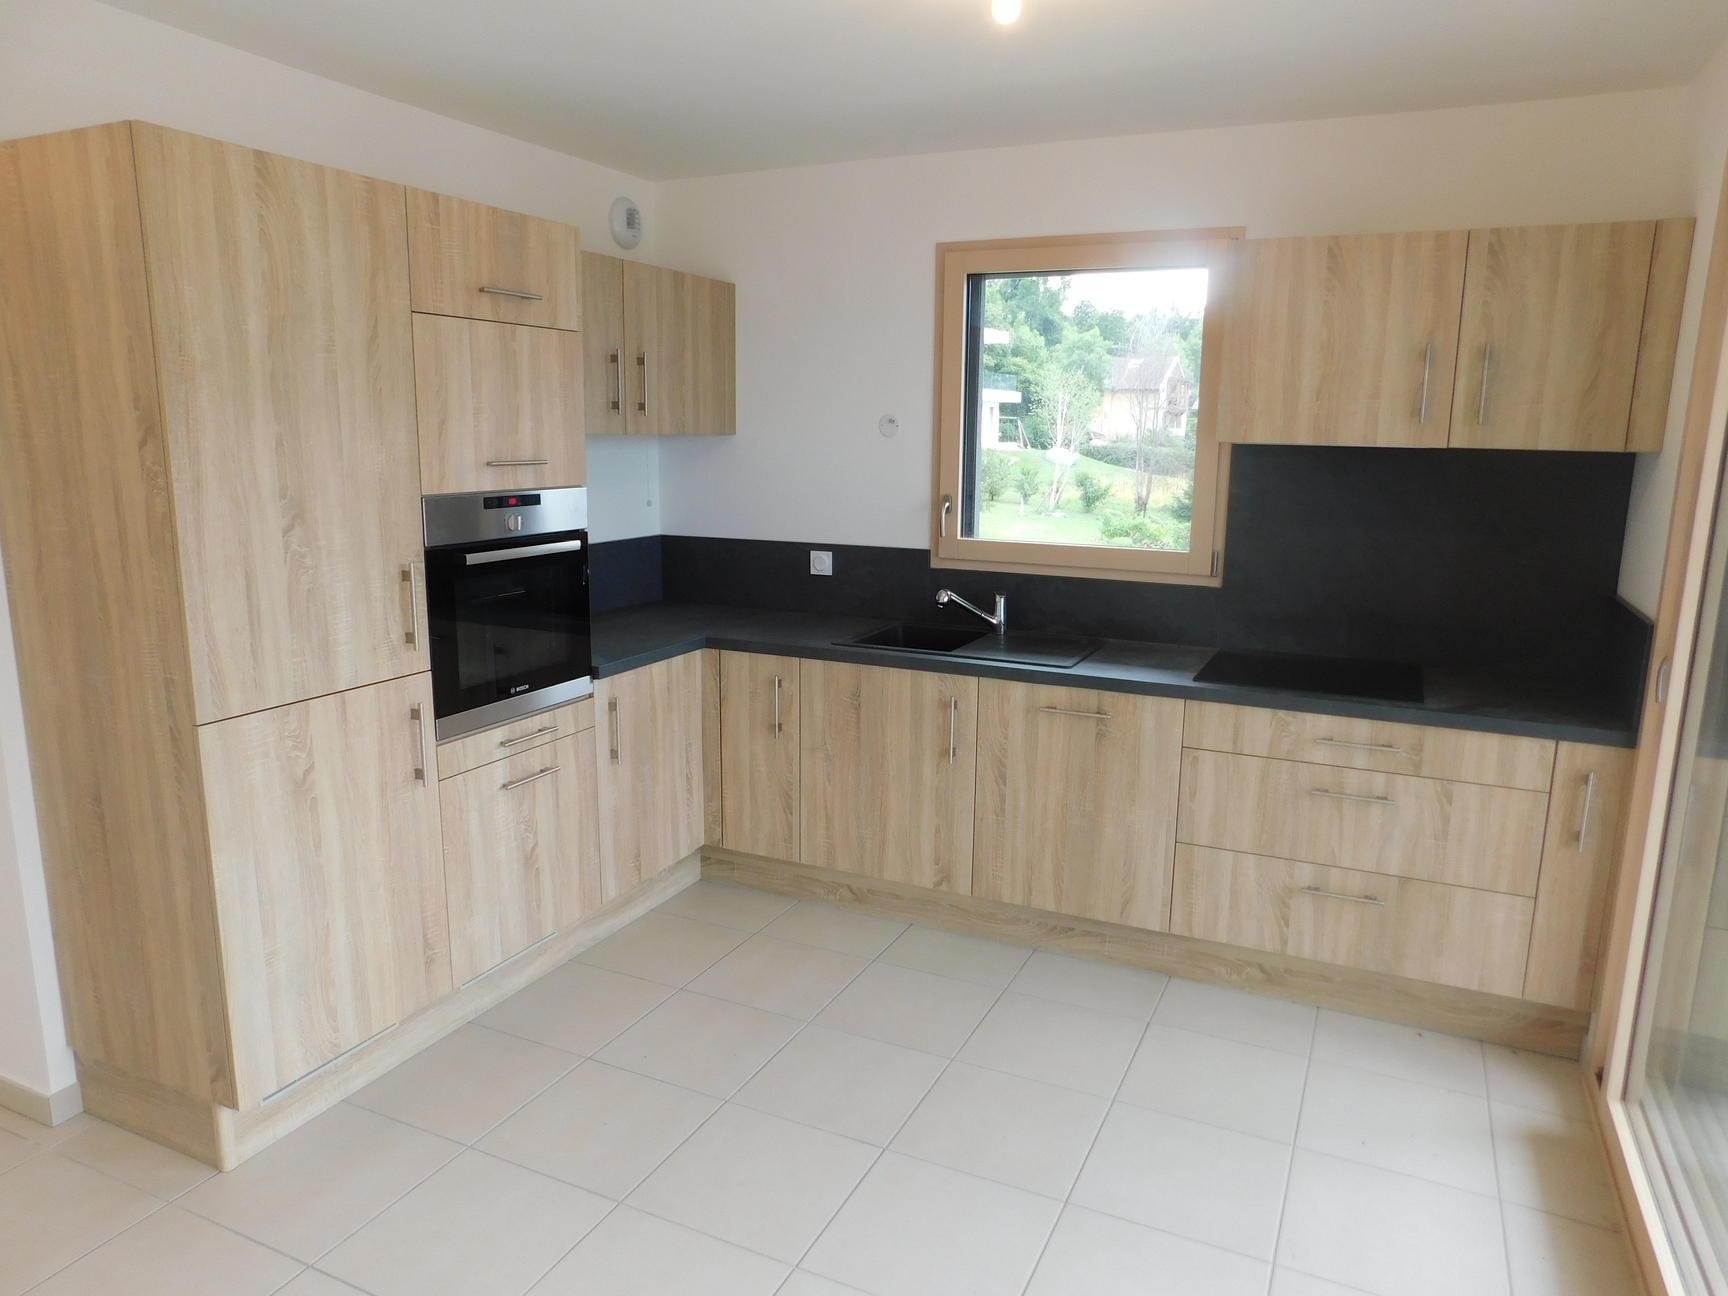 annonce vente appartement thonon les bains 74200 115 m 798 000 992738233425. Black Bedroom Furniture Sets. Home Design Ideas